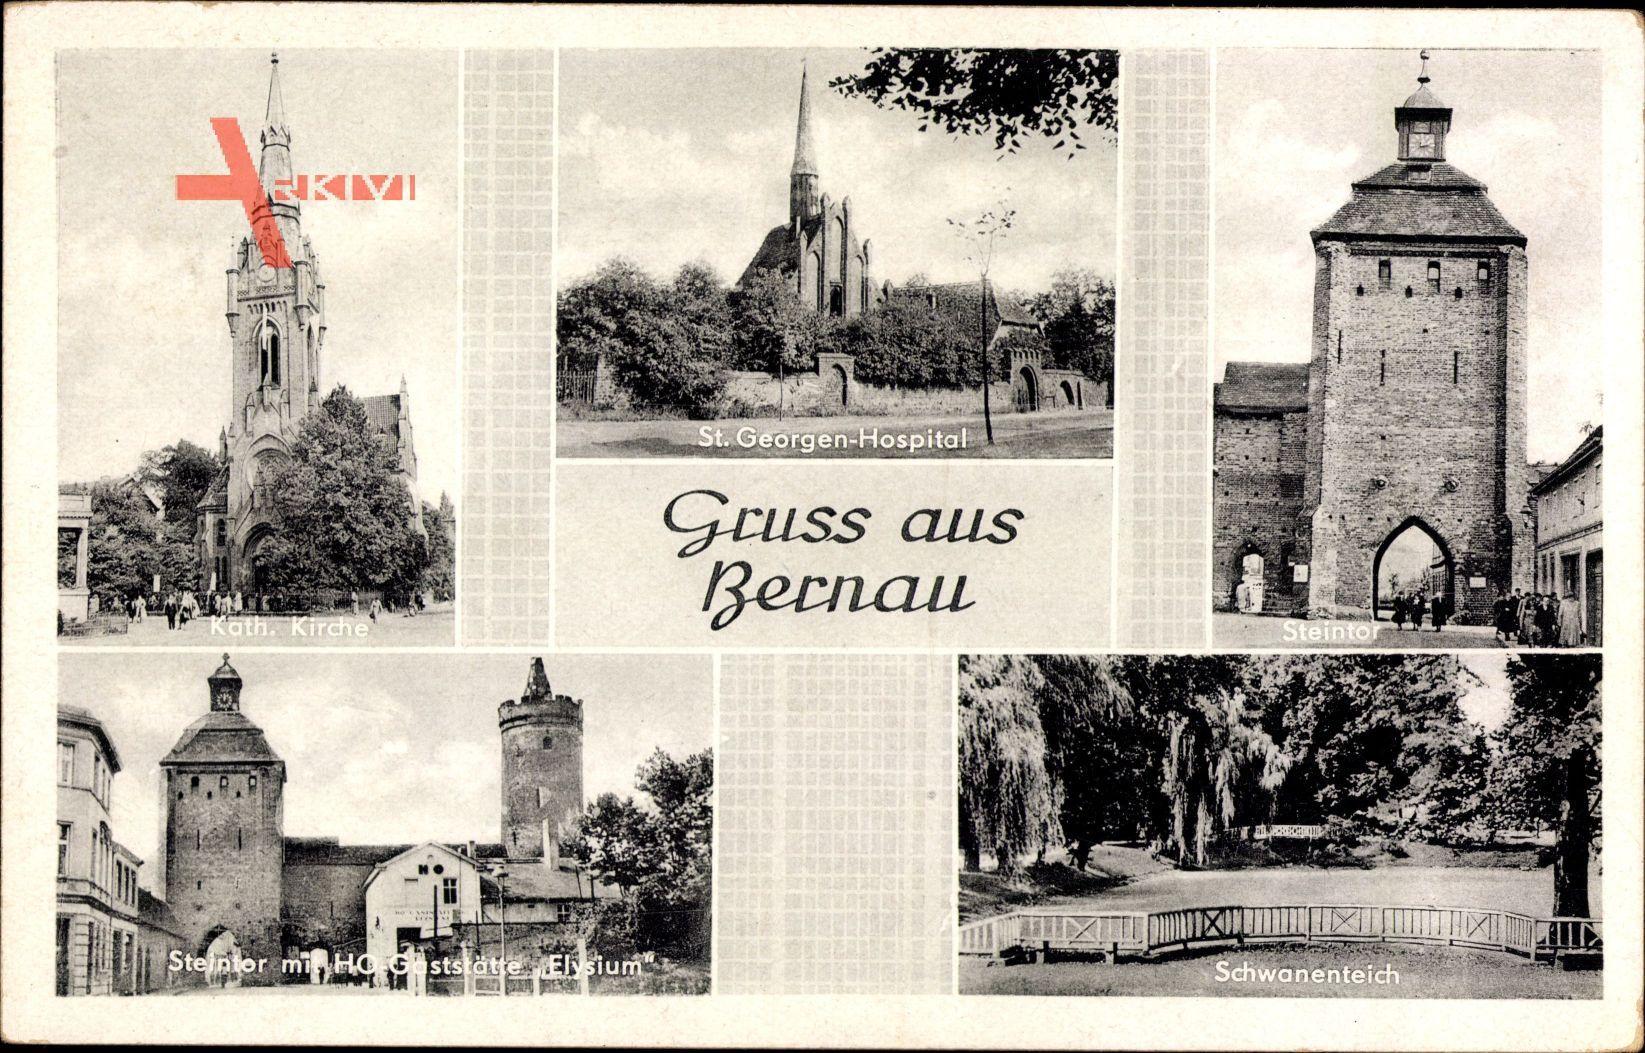 Bernau bei Berlin, St. Georgen Hospital, Steintor, Schwanenteich, Kirche